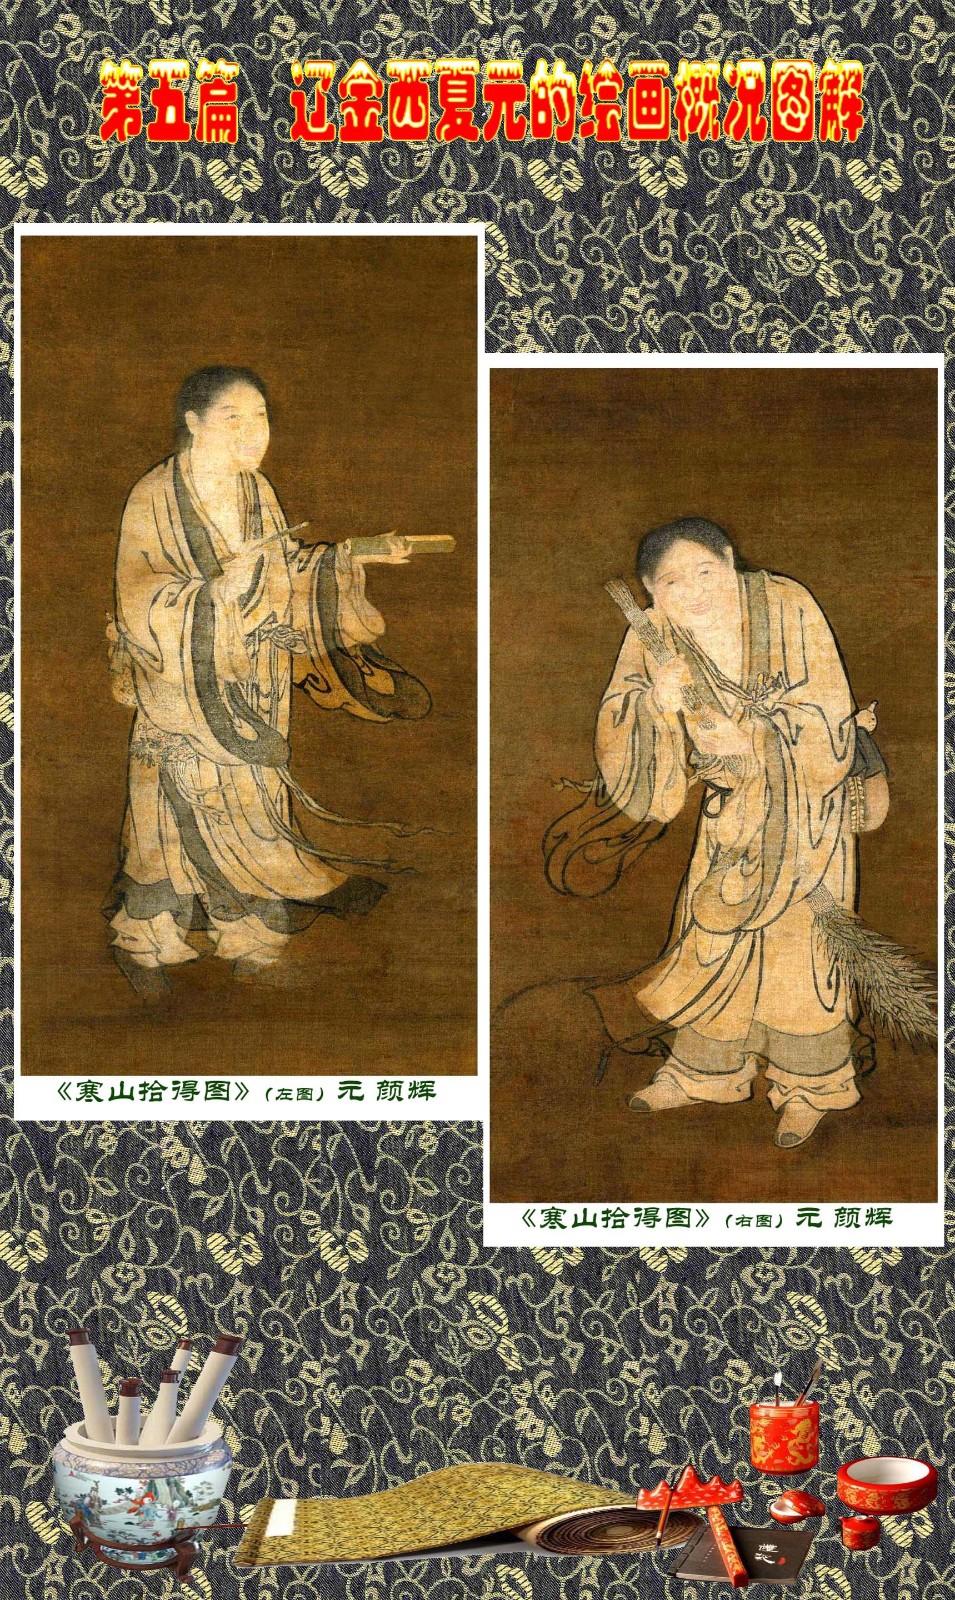 顾绍骅编辑 中国画知识普及版 第五篇 辽金西夏元的绘画概况 下 ... ..._图1-37